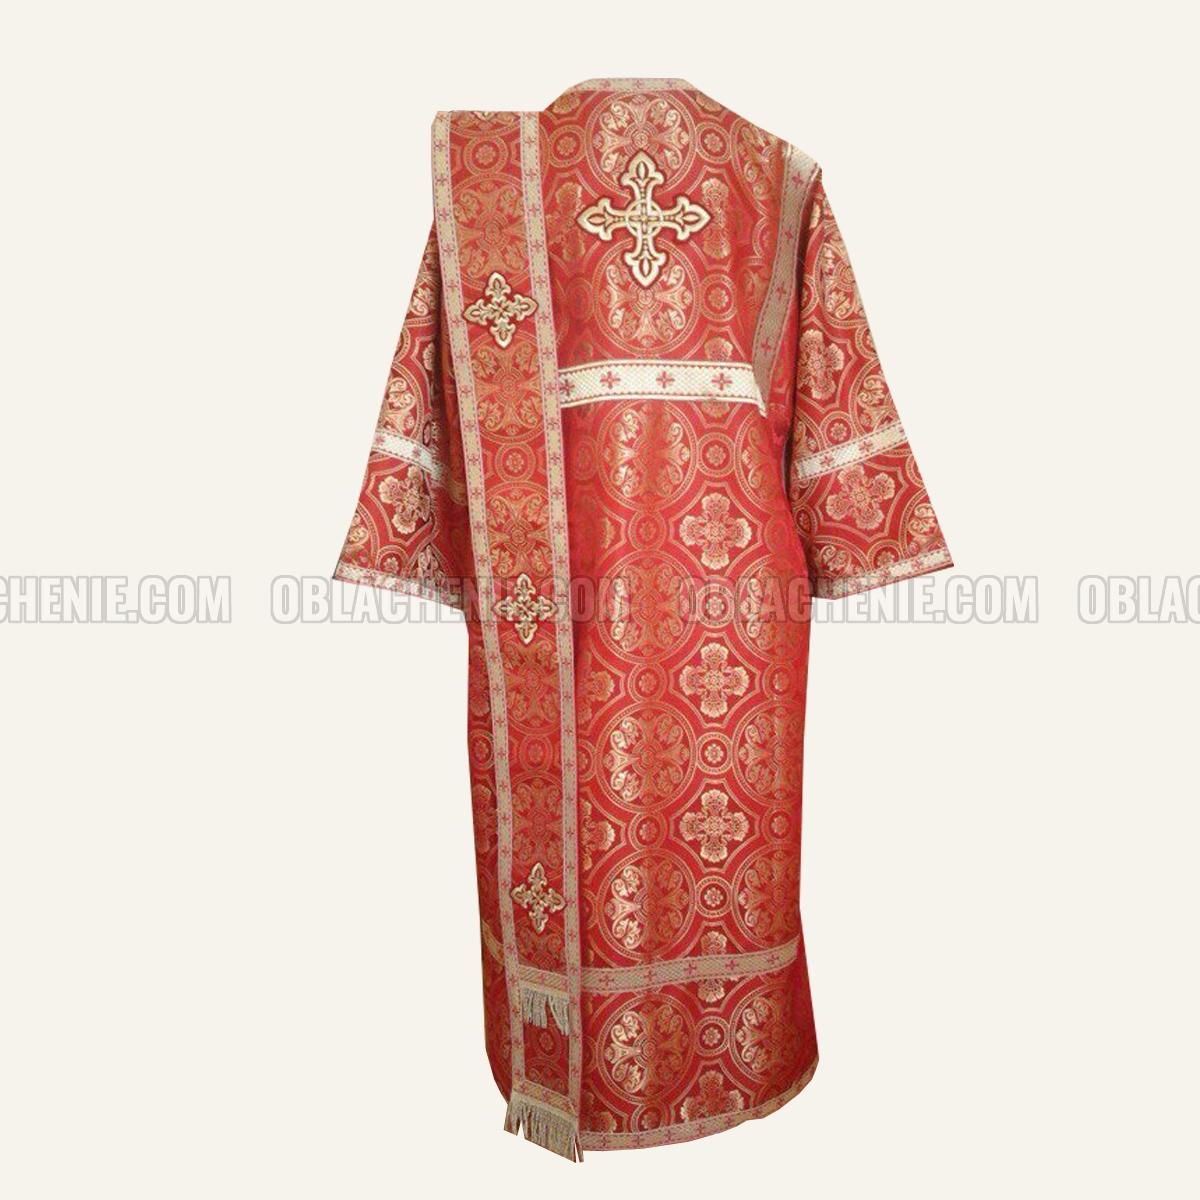 Deacon's vestments 10377